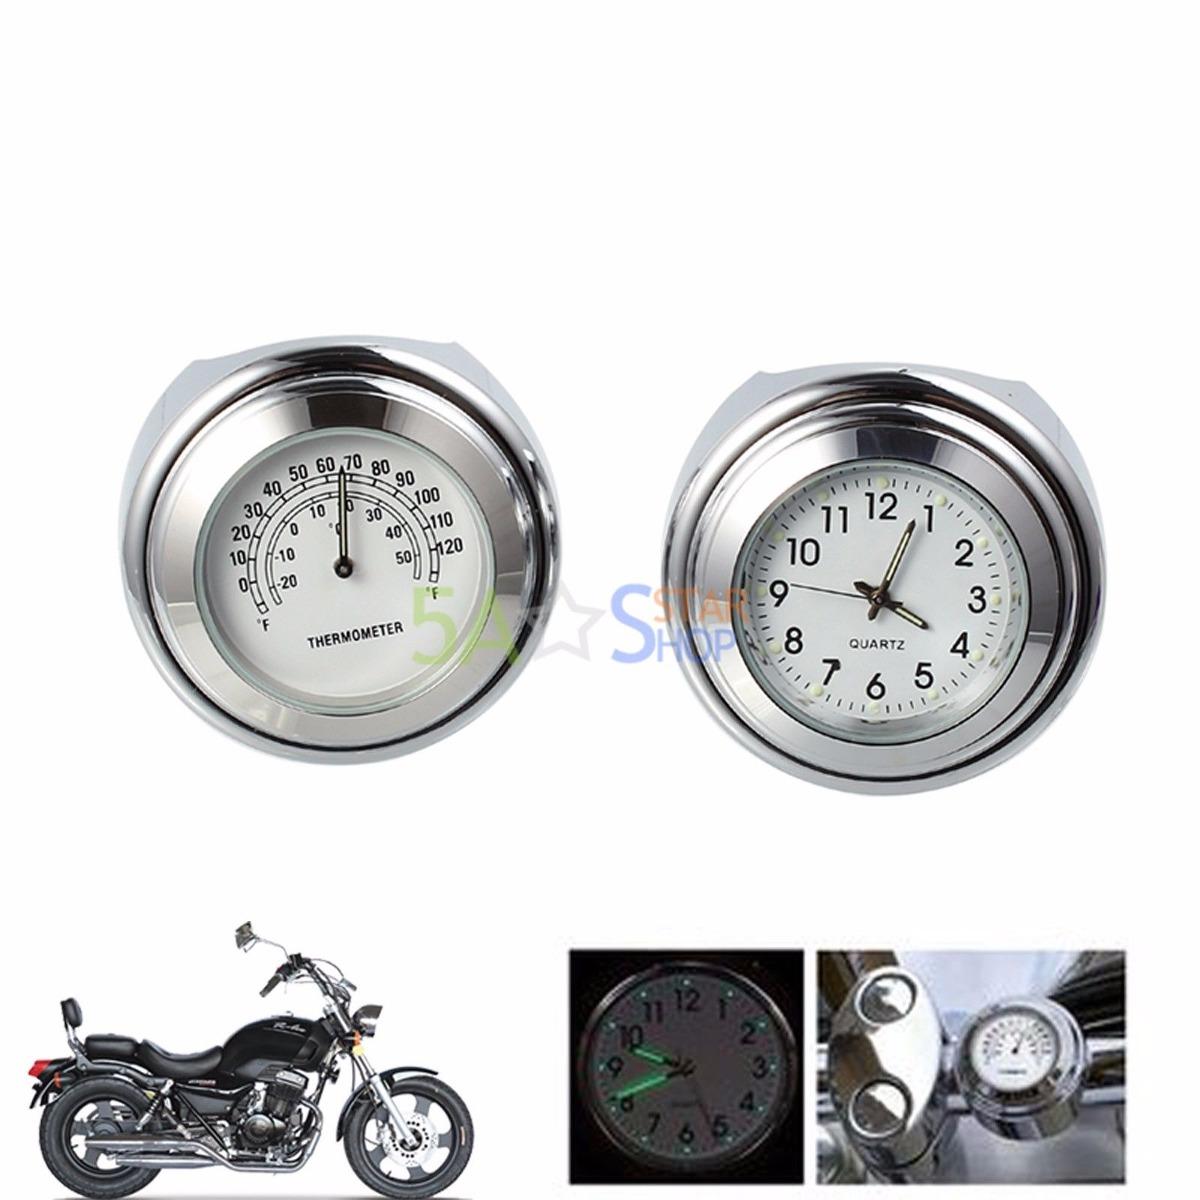 9658f7fda motos universal manillar mount dial reloj y termómetro temp. Cargando zoom.